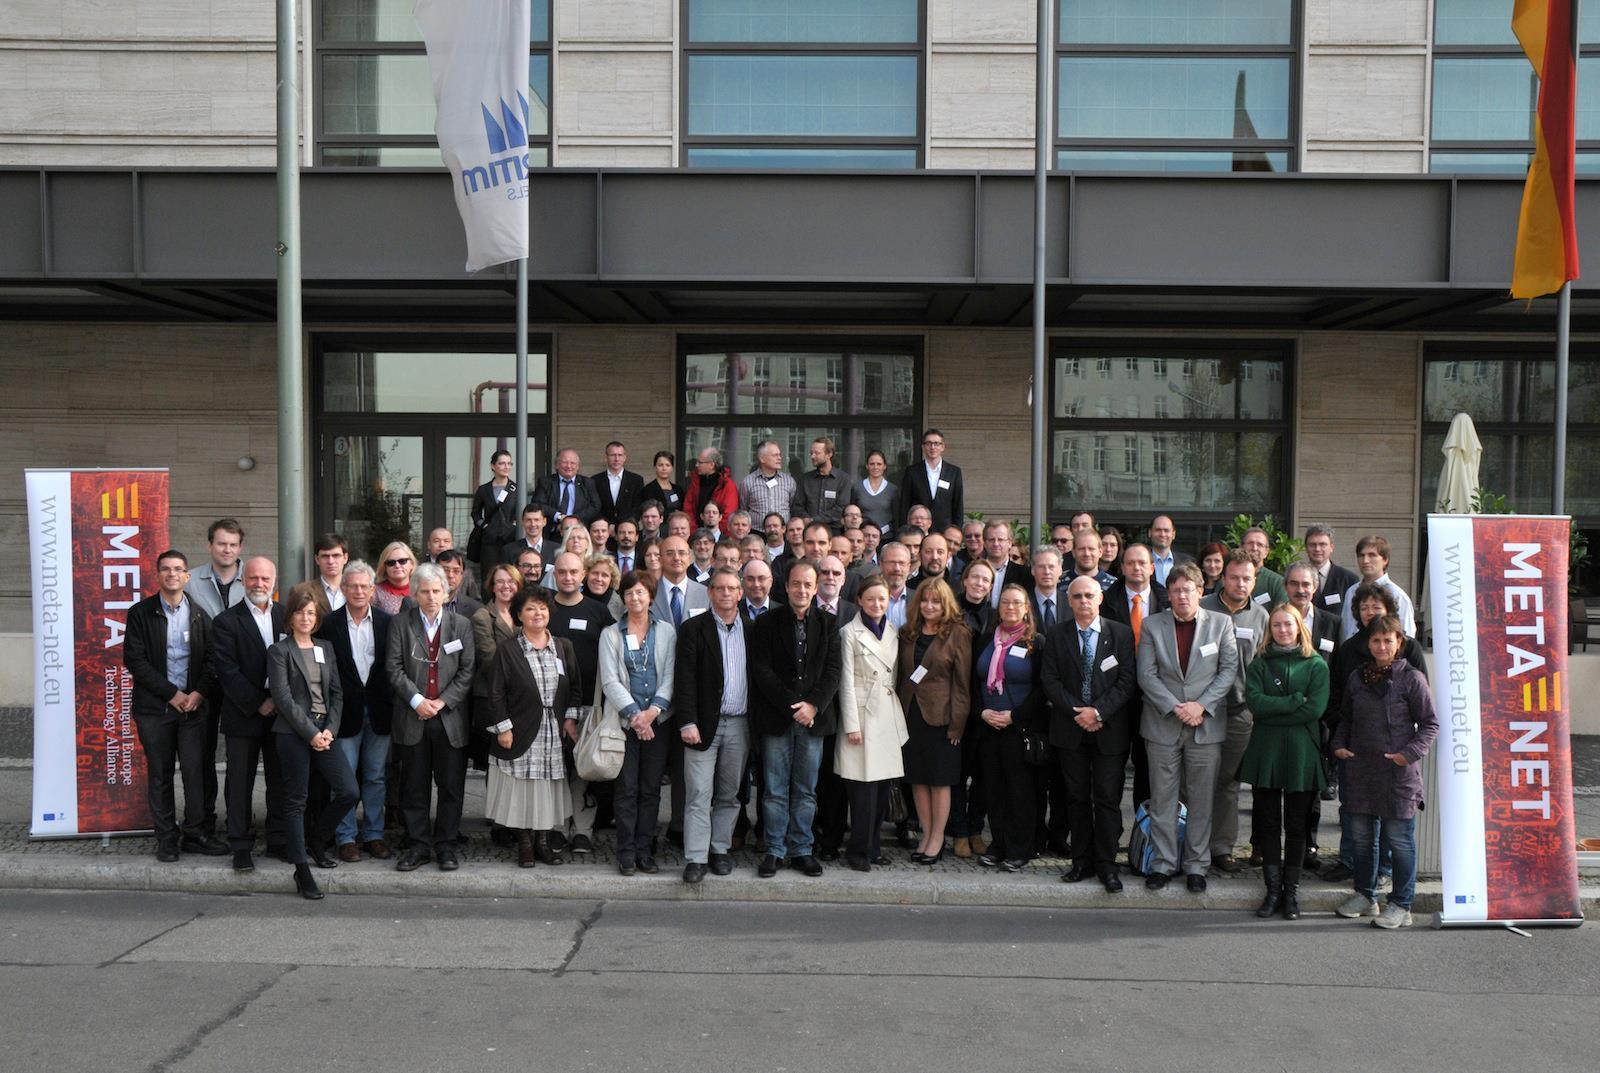 Gruppebilde fra forskernettverket META-NETs møte i Berlin, oktober 2011